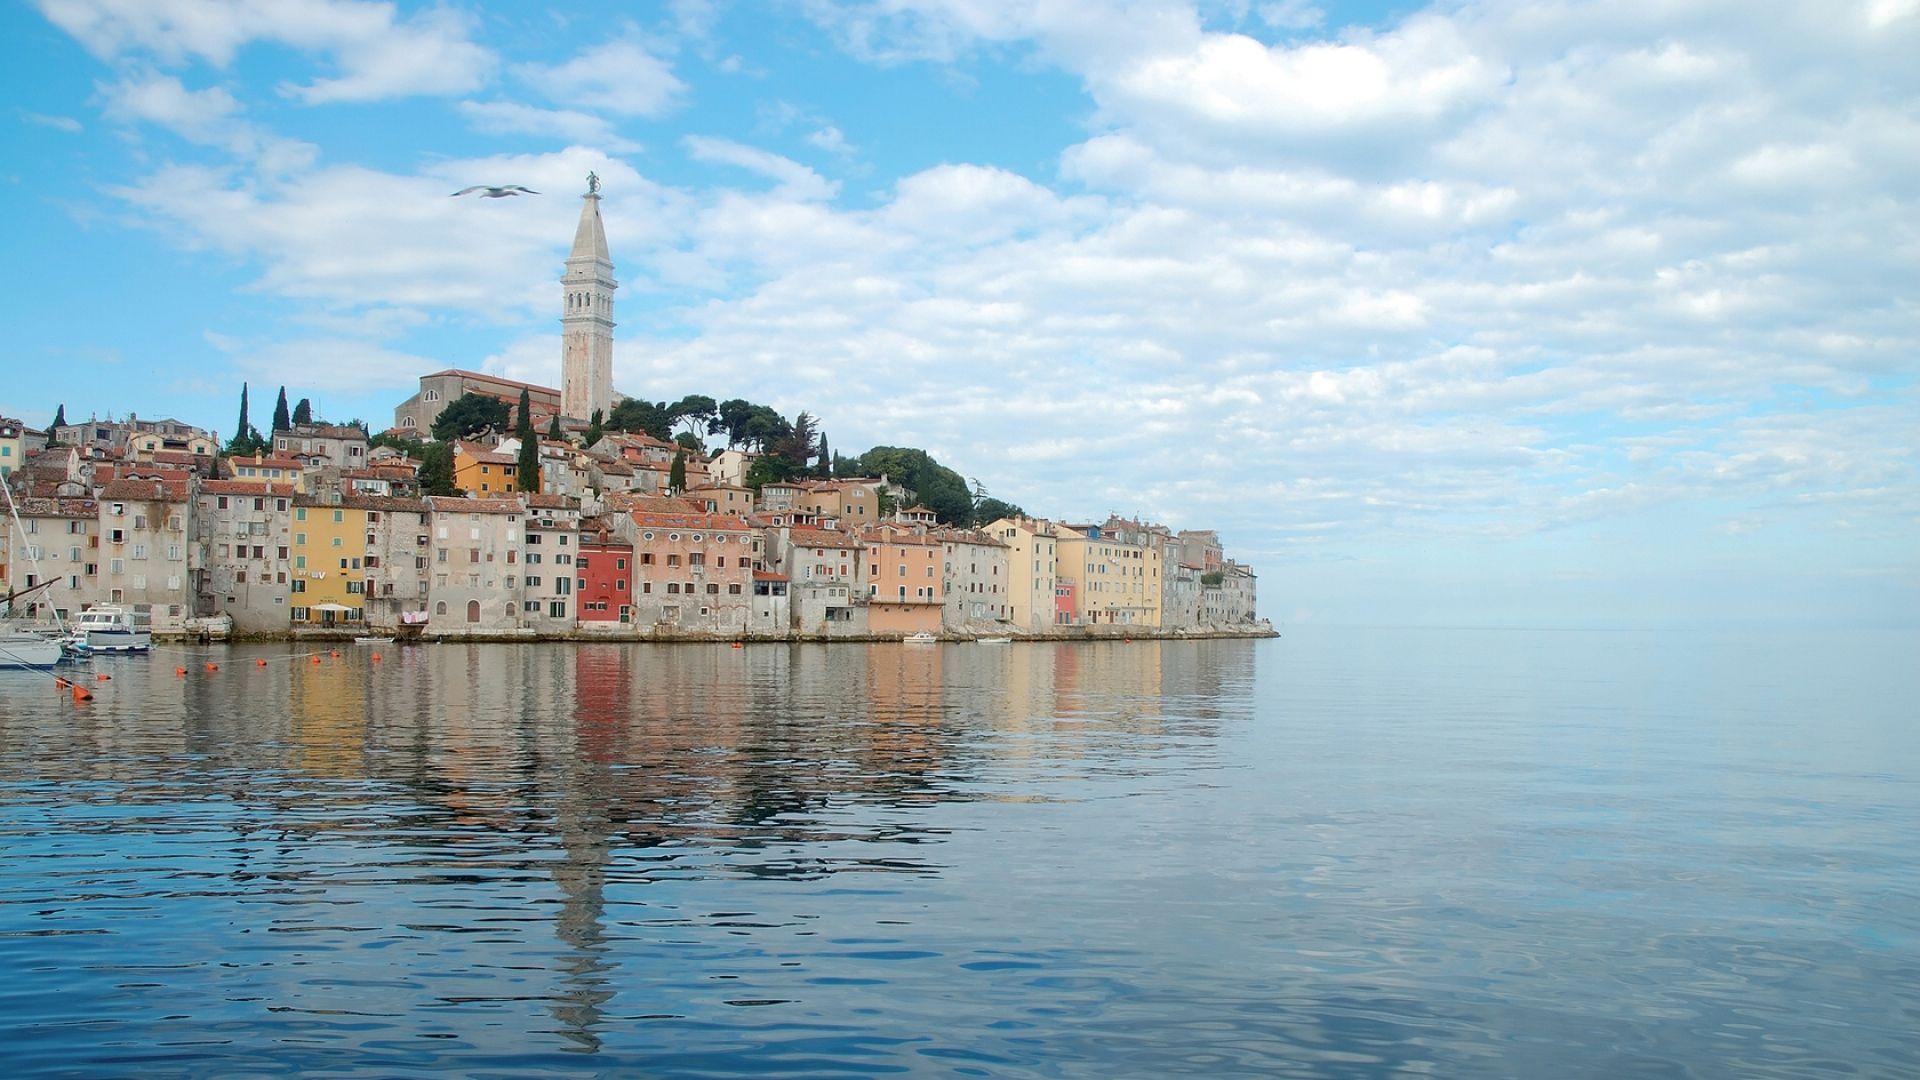 Croatia desktop background free